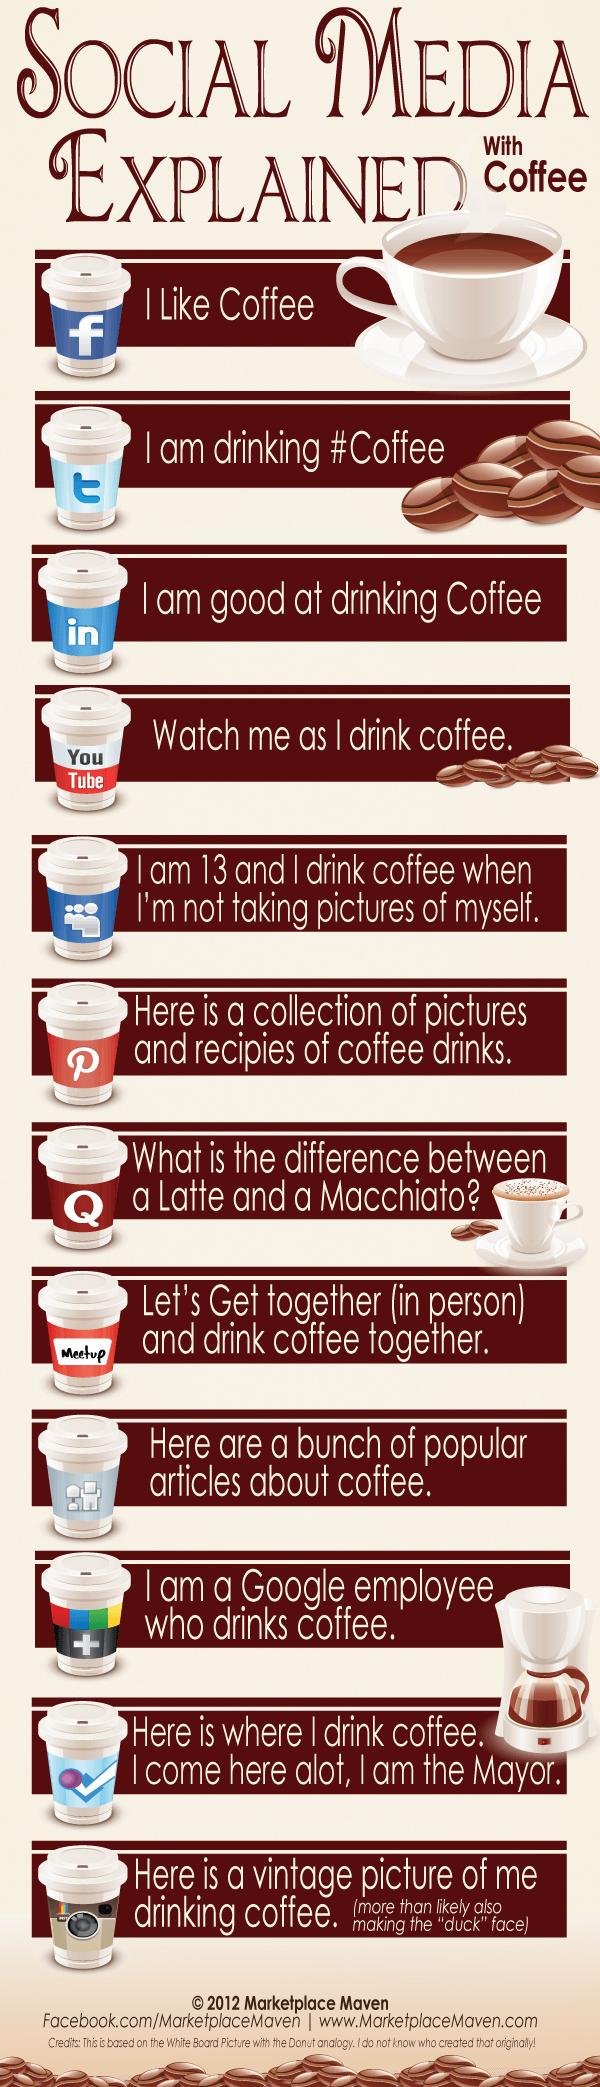 Social Media - die etwas andere Erklärung mit Hilfe von Kaffee [Infografik]